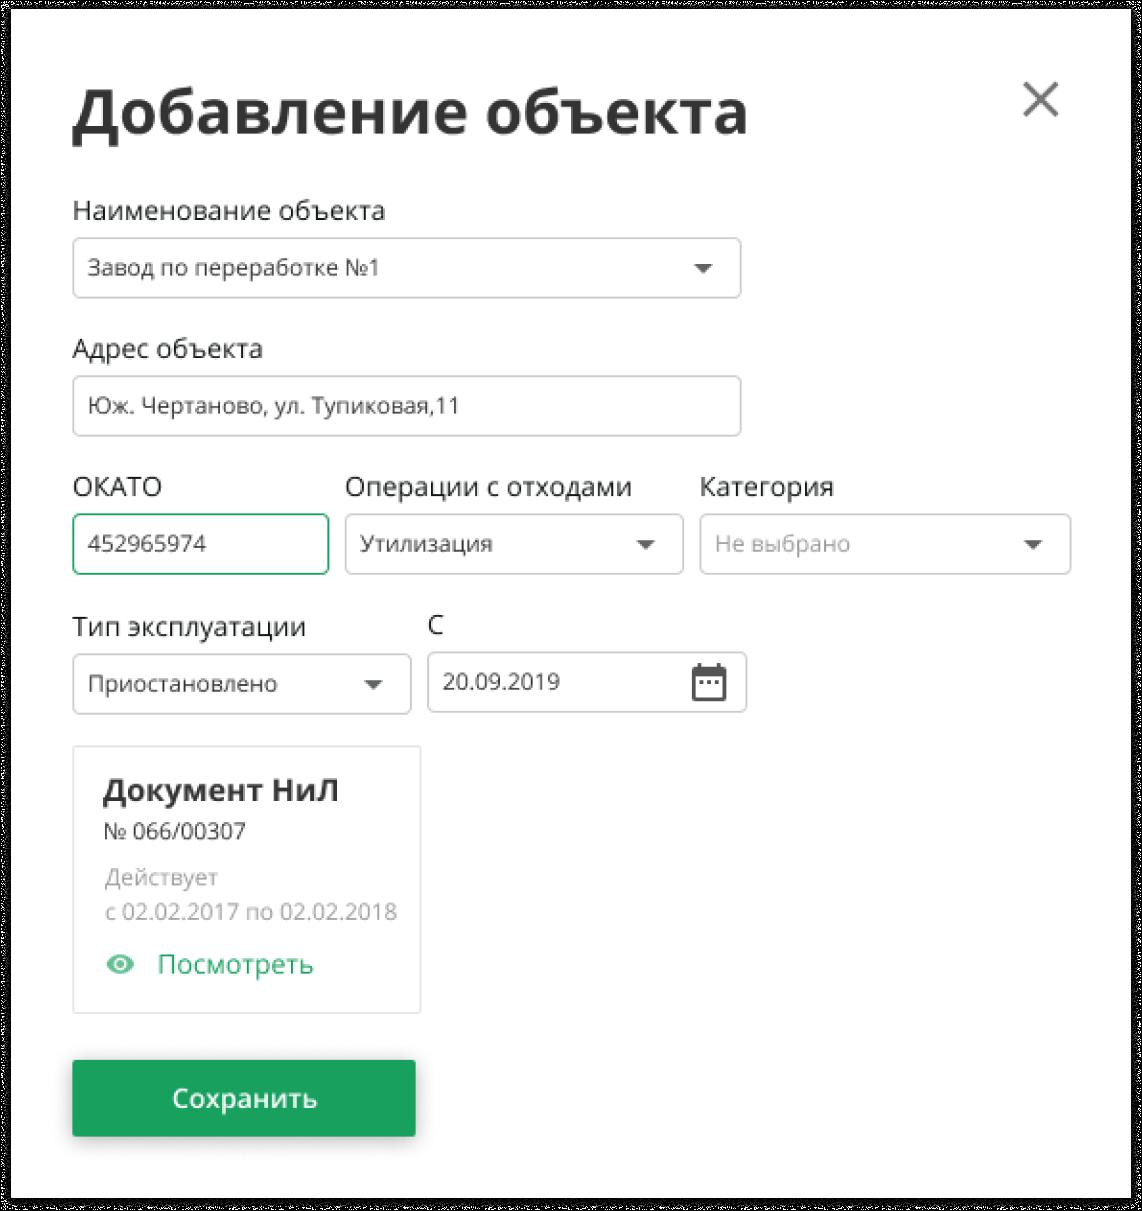 Добавление объекта в отдельном окне | SobakaPav.ru